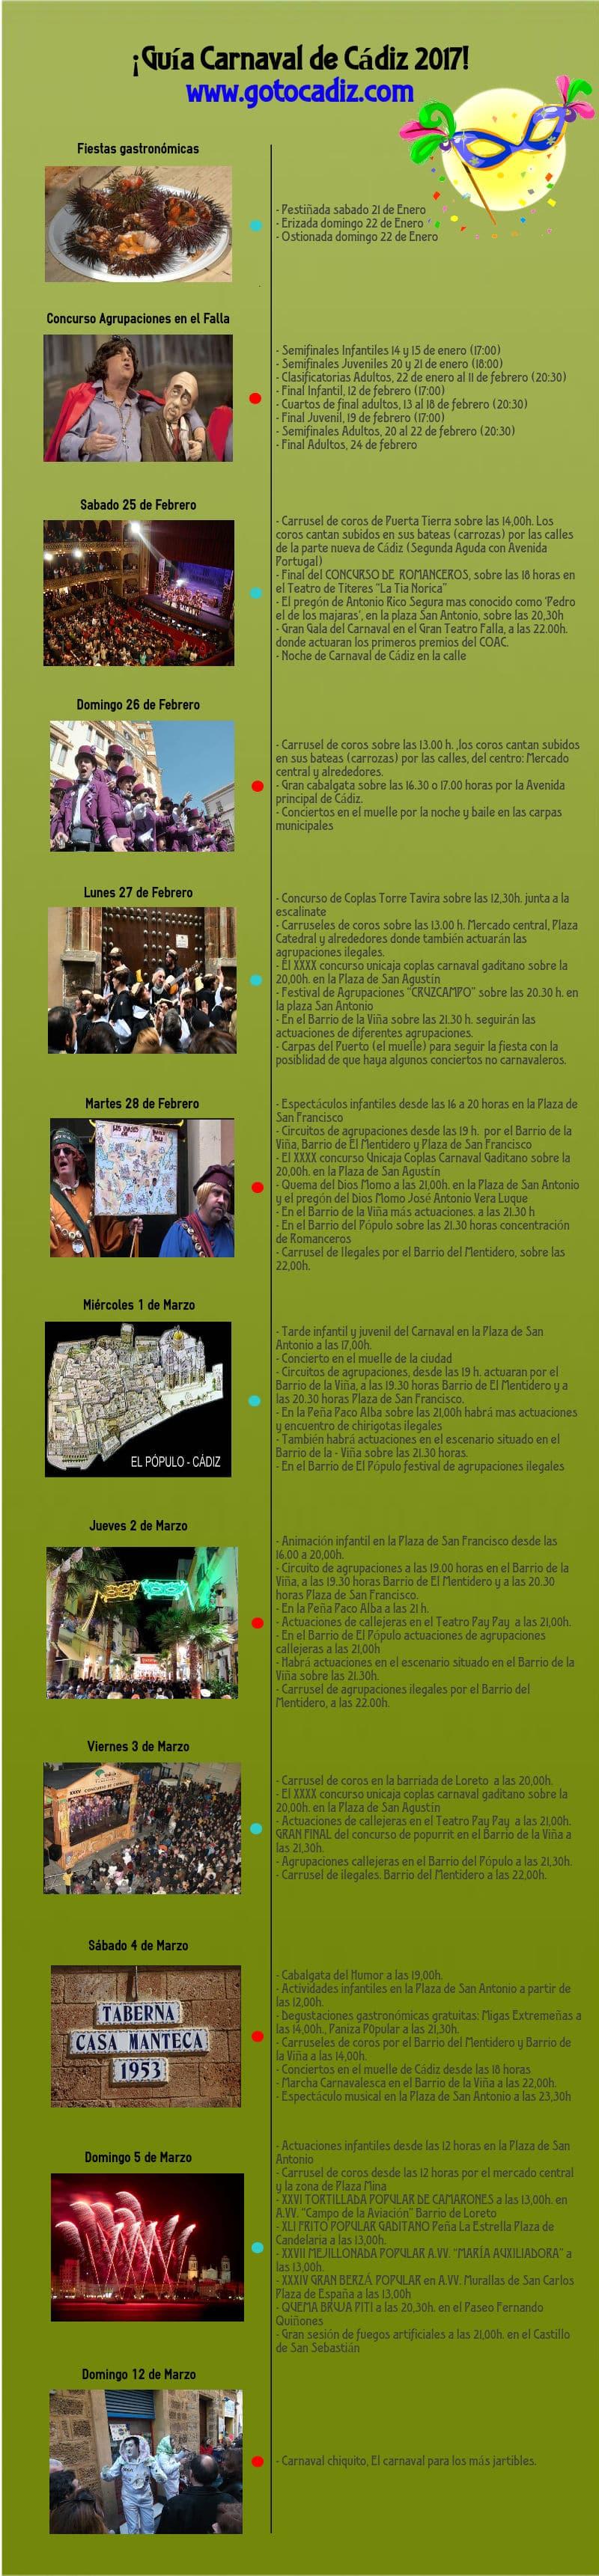 Eventos del Carnaval de Cádiz 2017